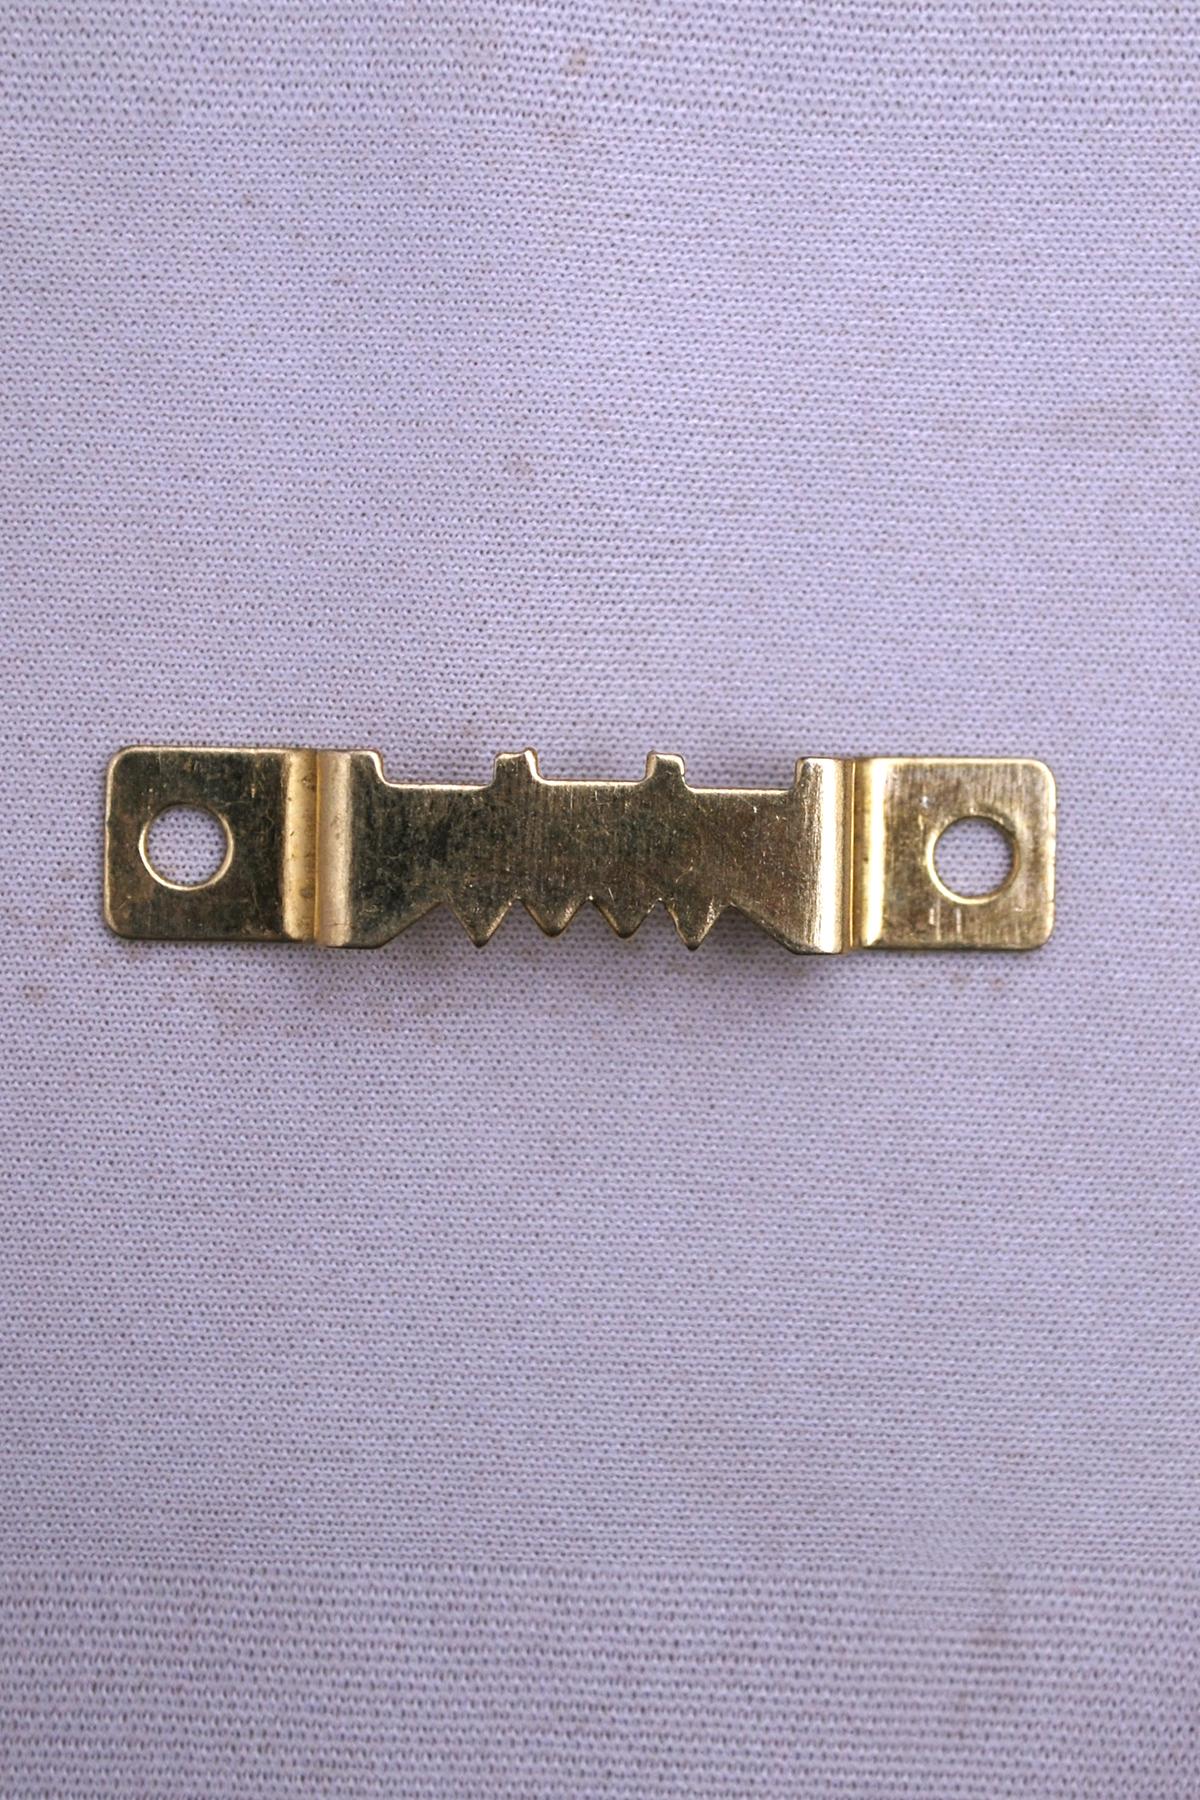 c-07-gold